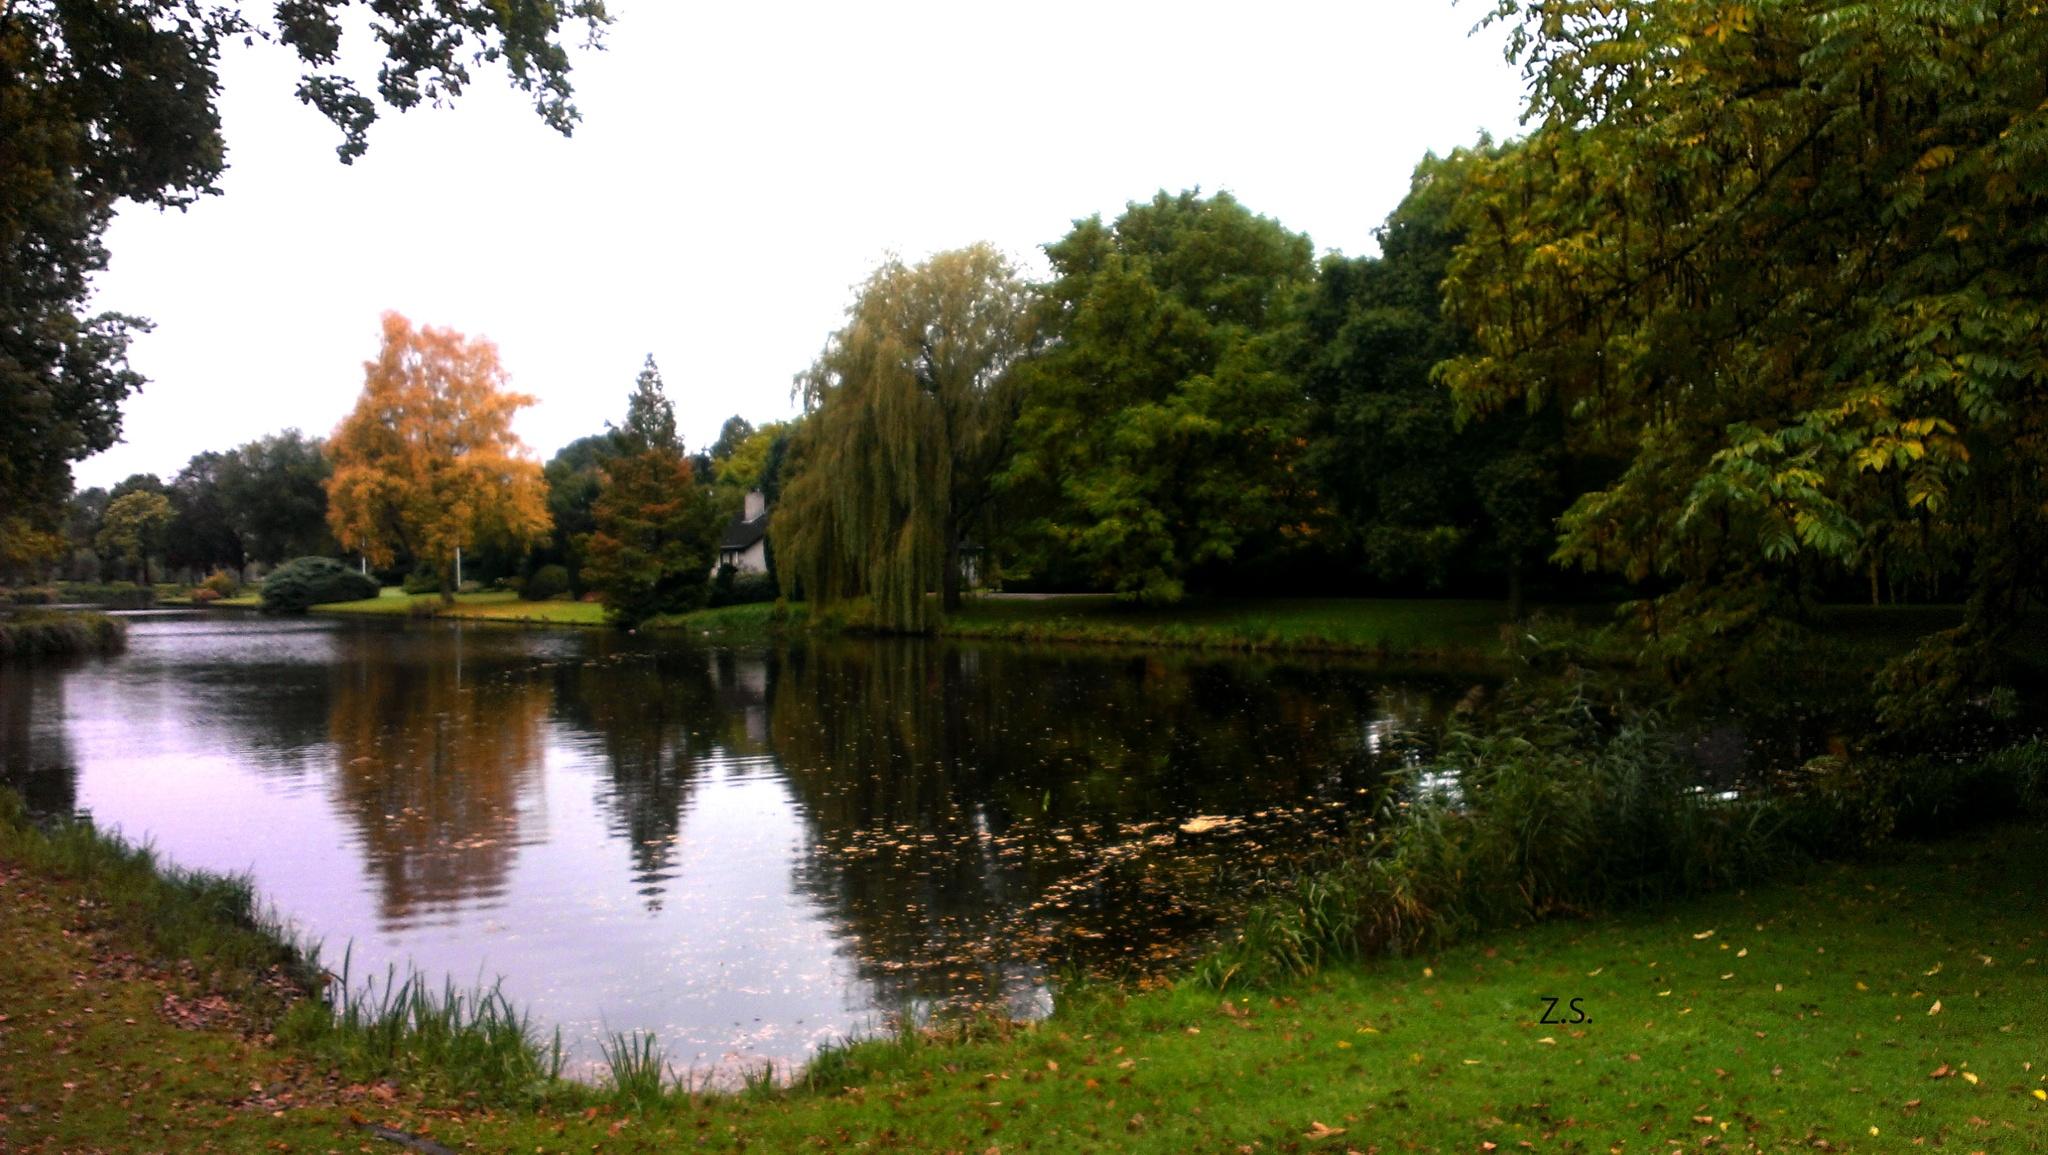 Autumn days! by z.setoodeh